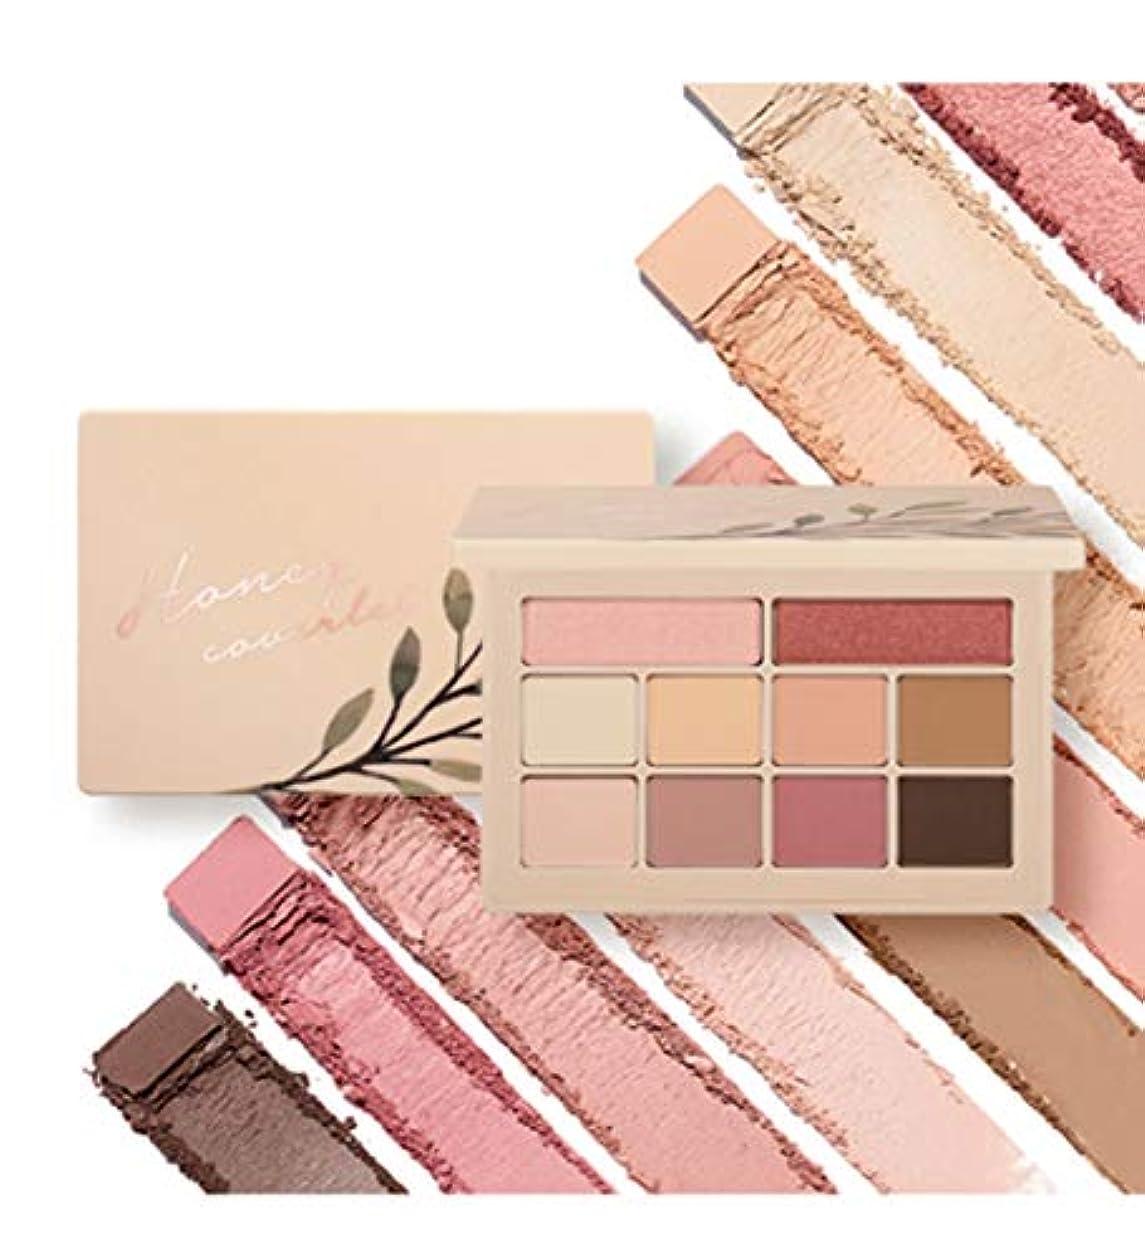 みなすトリム絶縁するMoonshot Honey Coverlet Eyeshadow Palette YOO IN-NA COLLECTIONwarm tone&cool tone 10色のアイシャドウ(並行輸入品)